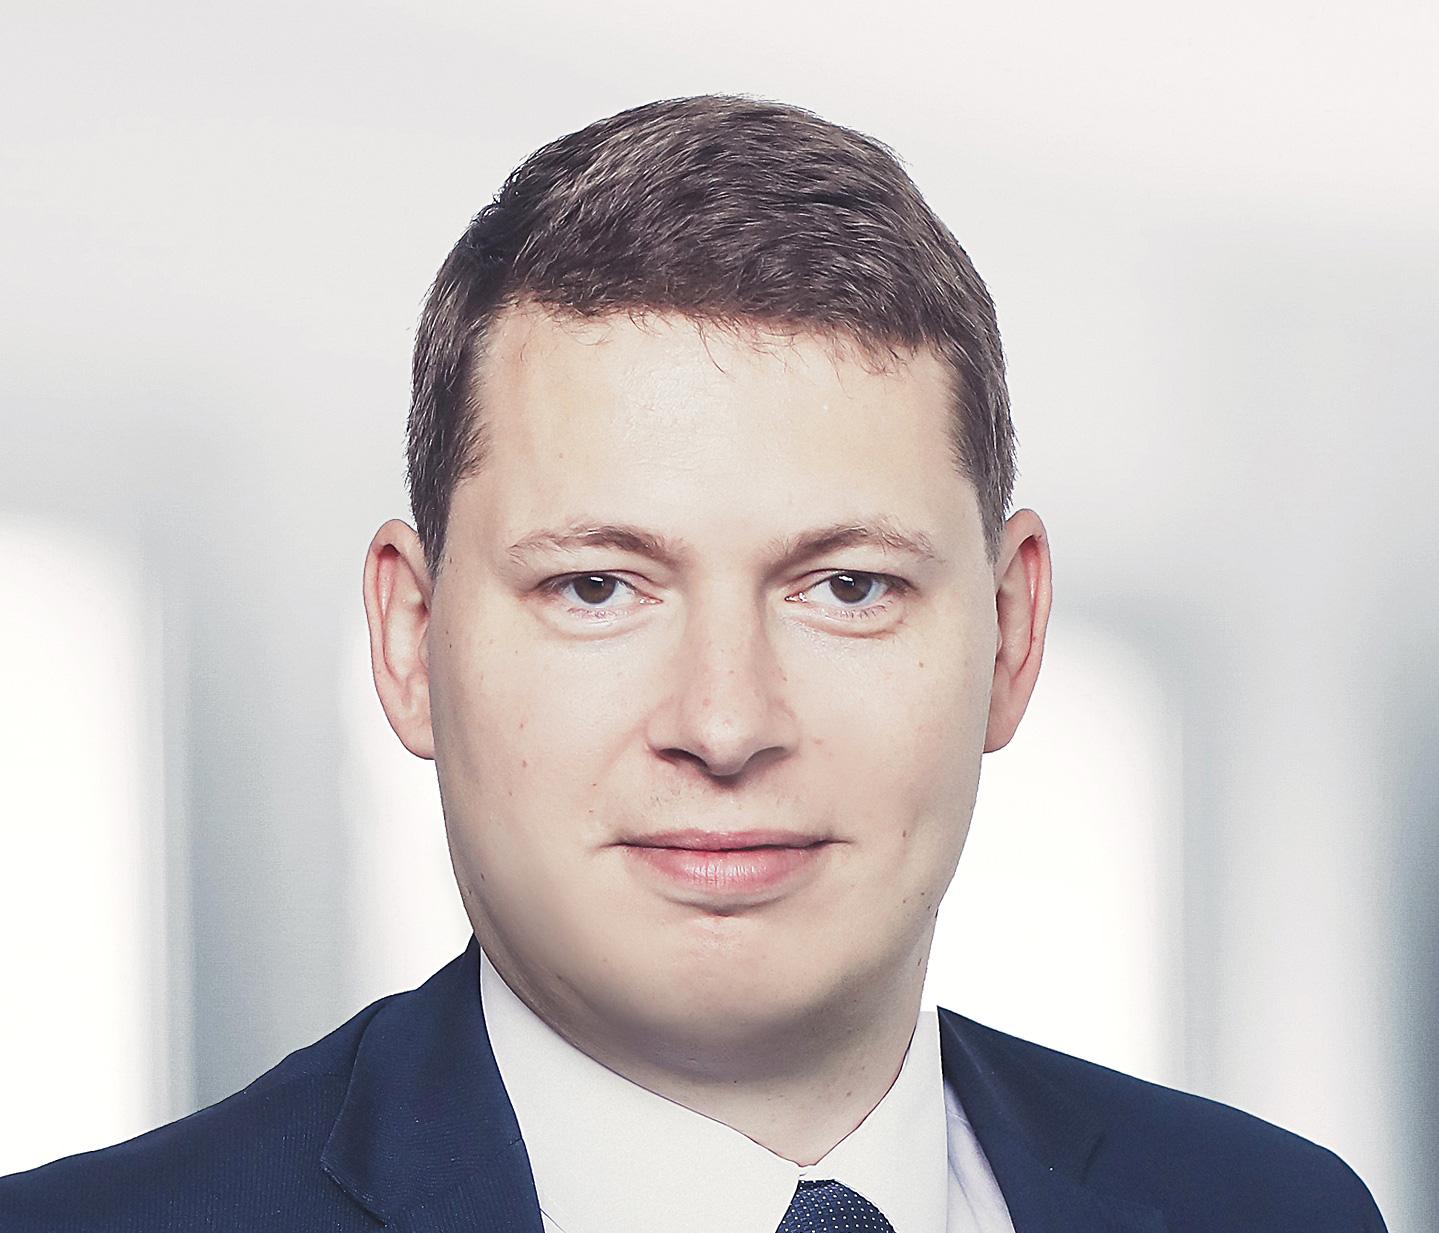 Marco Domann